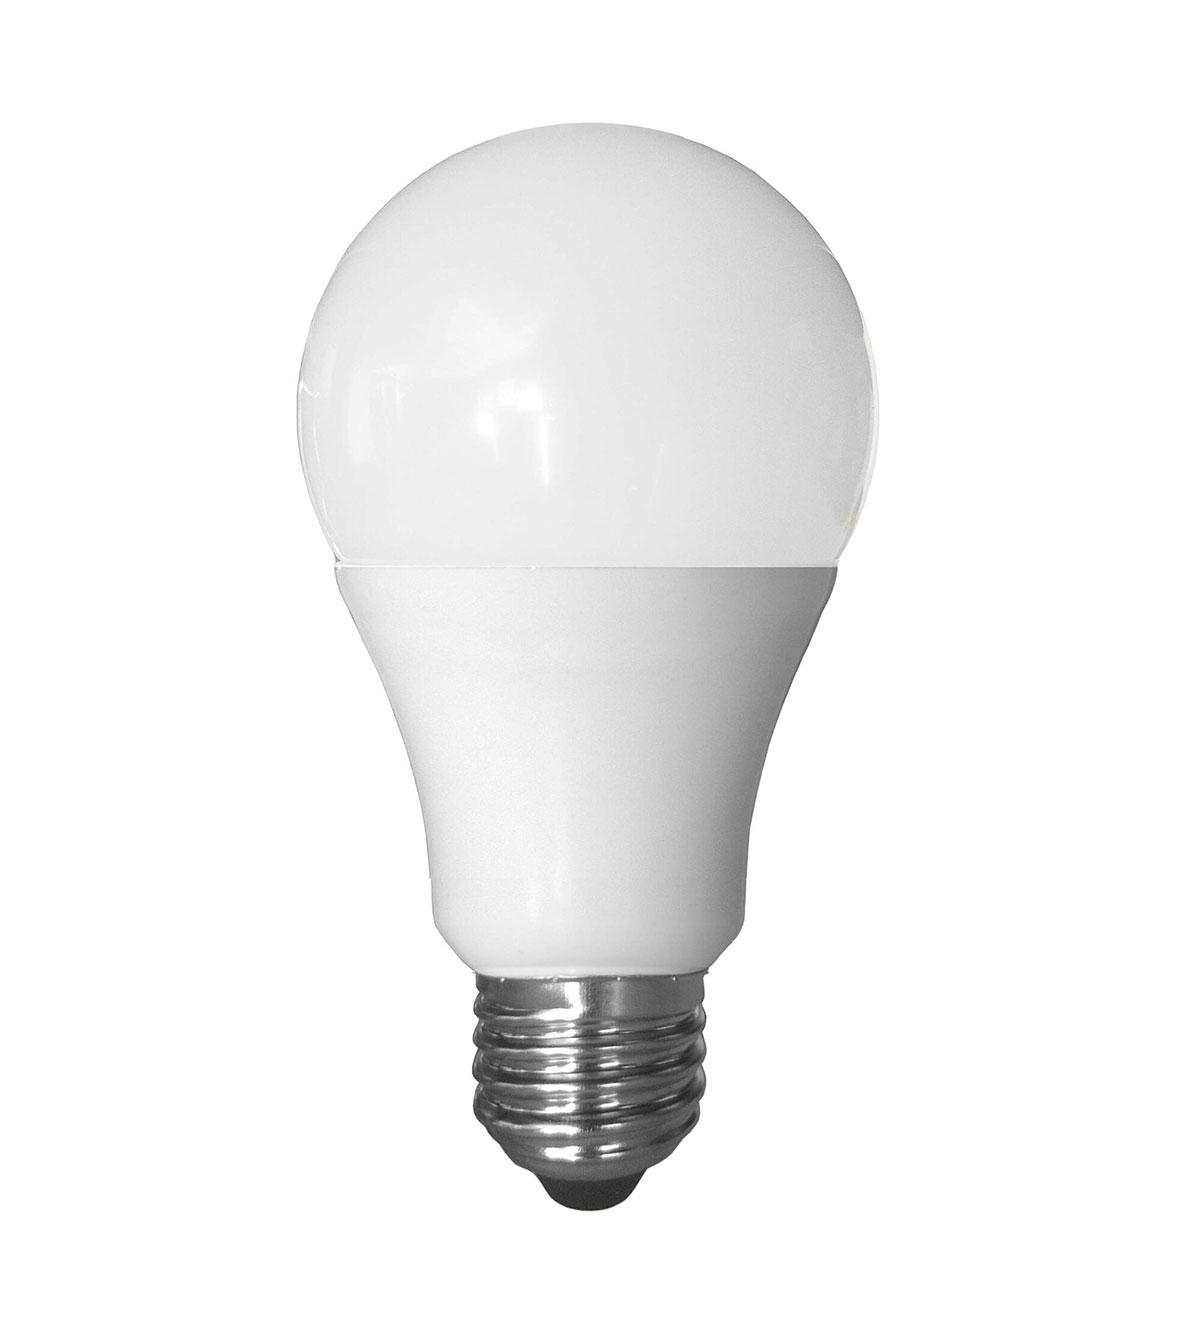 high lumens 13w led e27 gls globe natural white gls22b. Black Bedroom Furniture Sets. Home Design Ideas